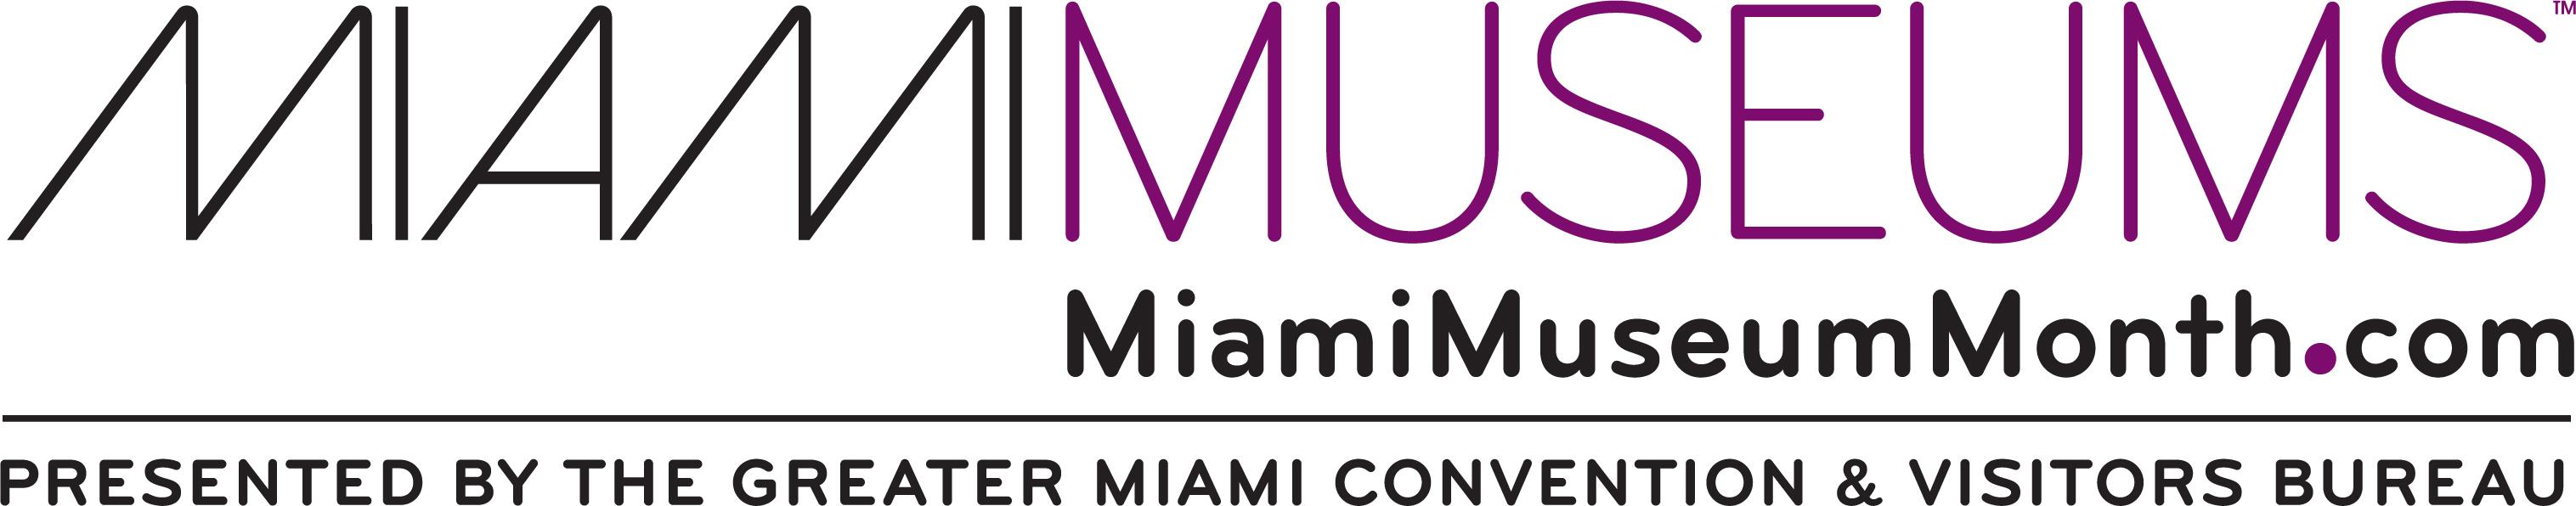 Miami_Museum_Month_logo